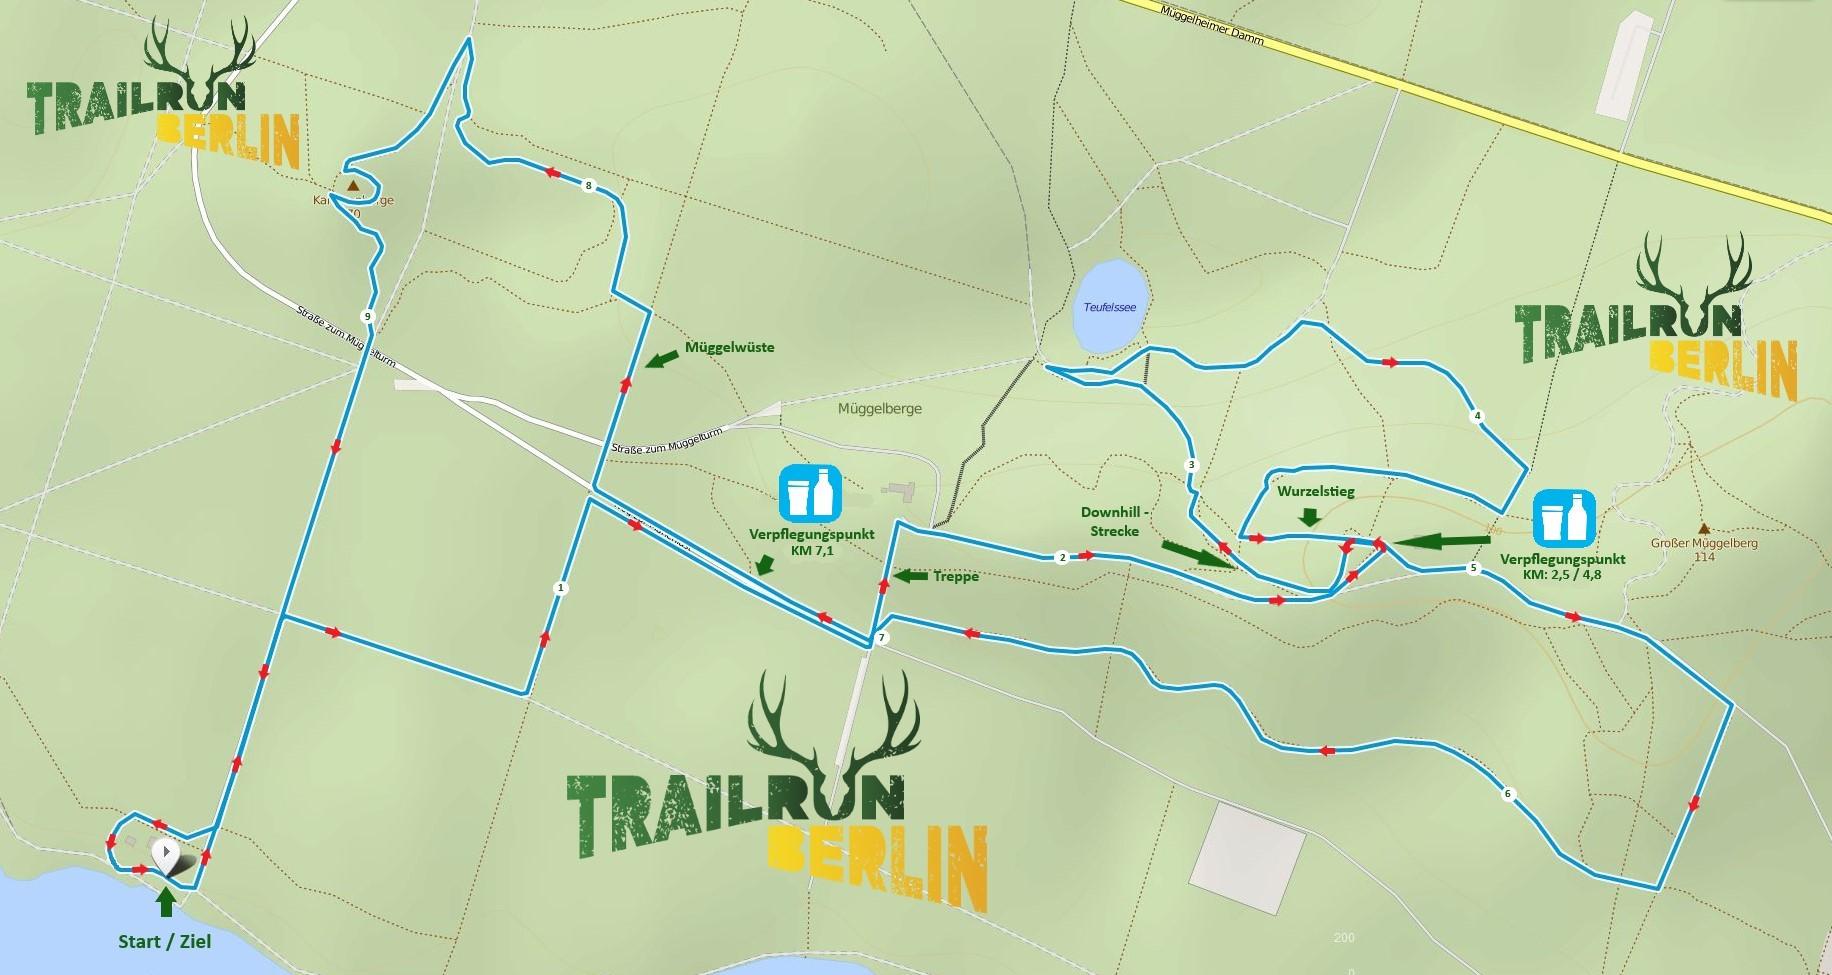 Alles zum Lauf | TrailRunBerlin